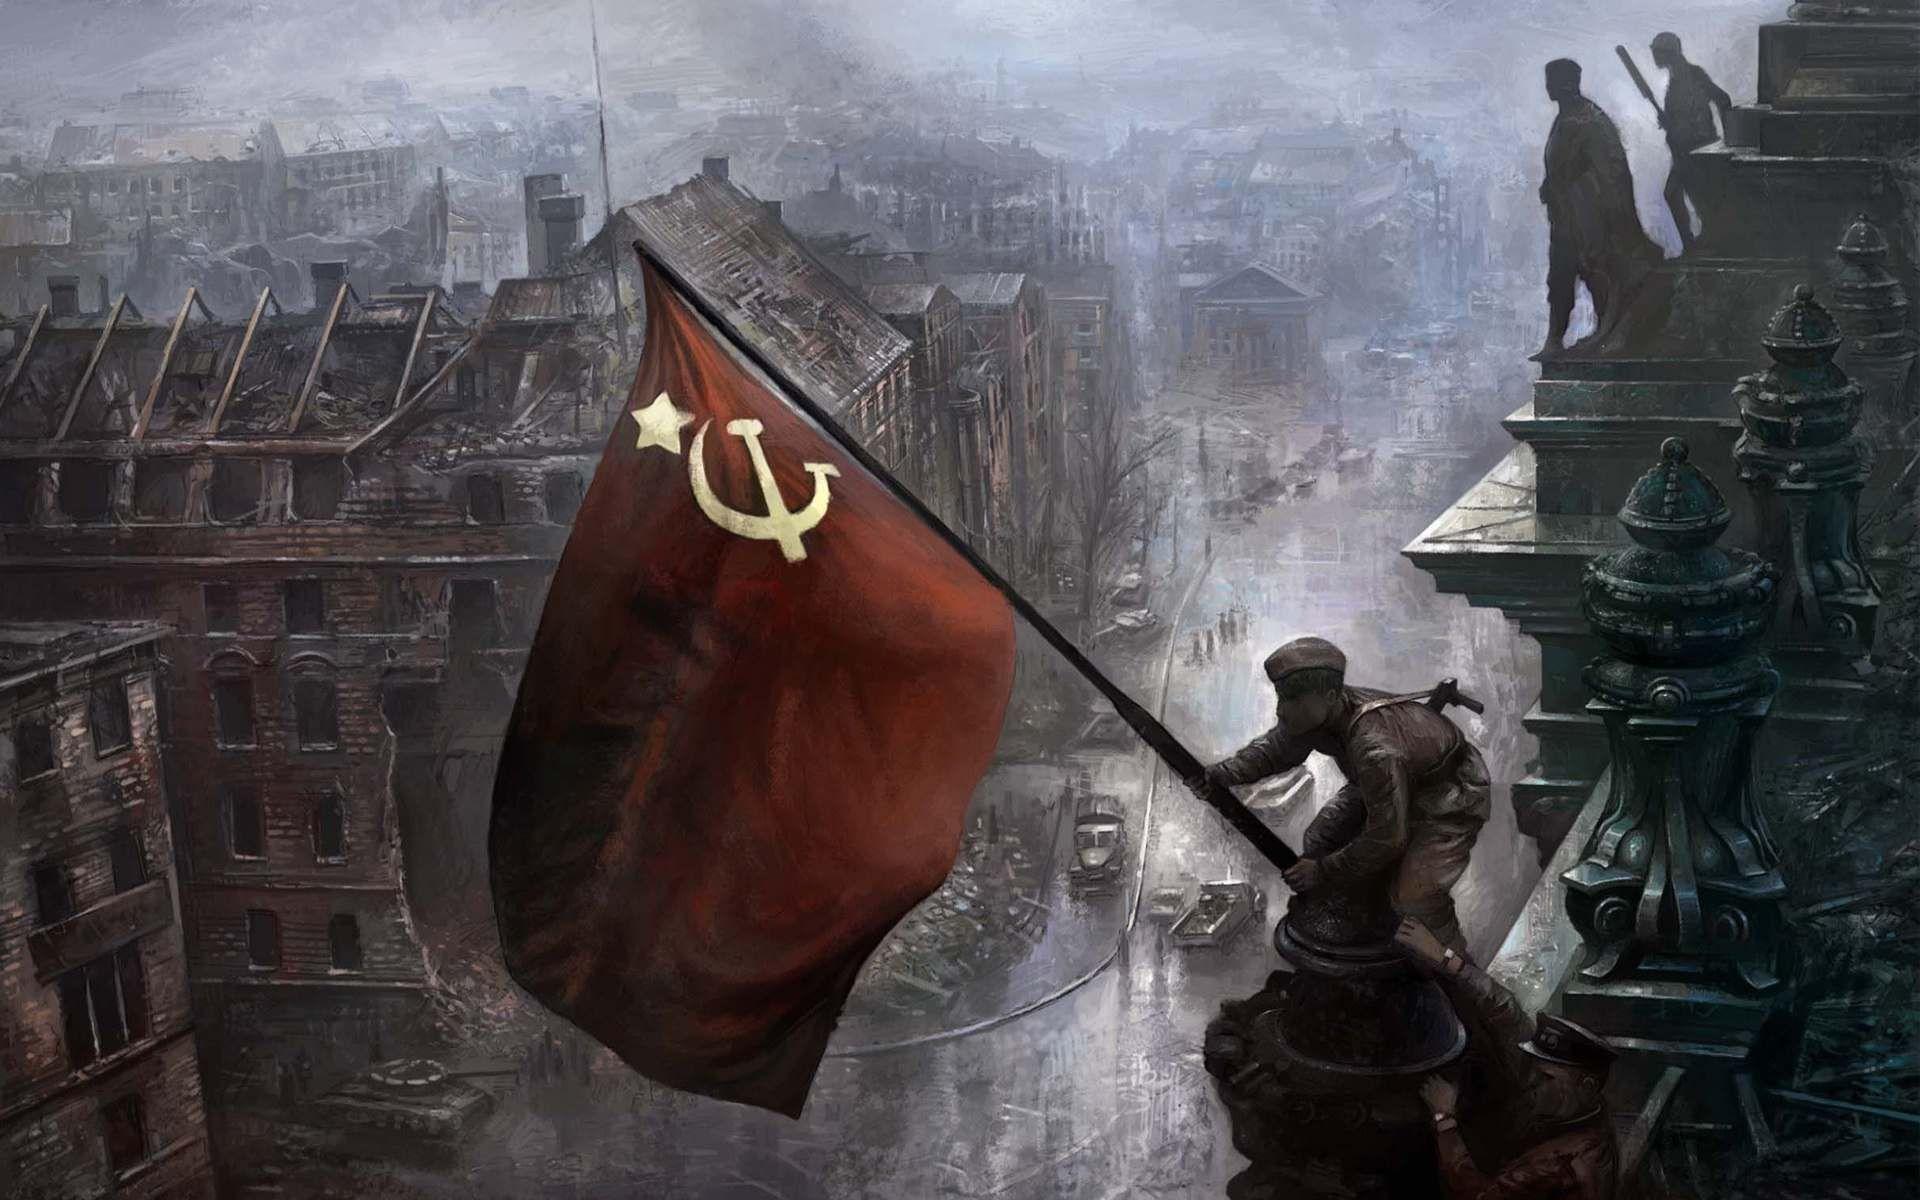 13097 - ¿Qué opina la gente sobre el comunismo?